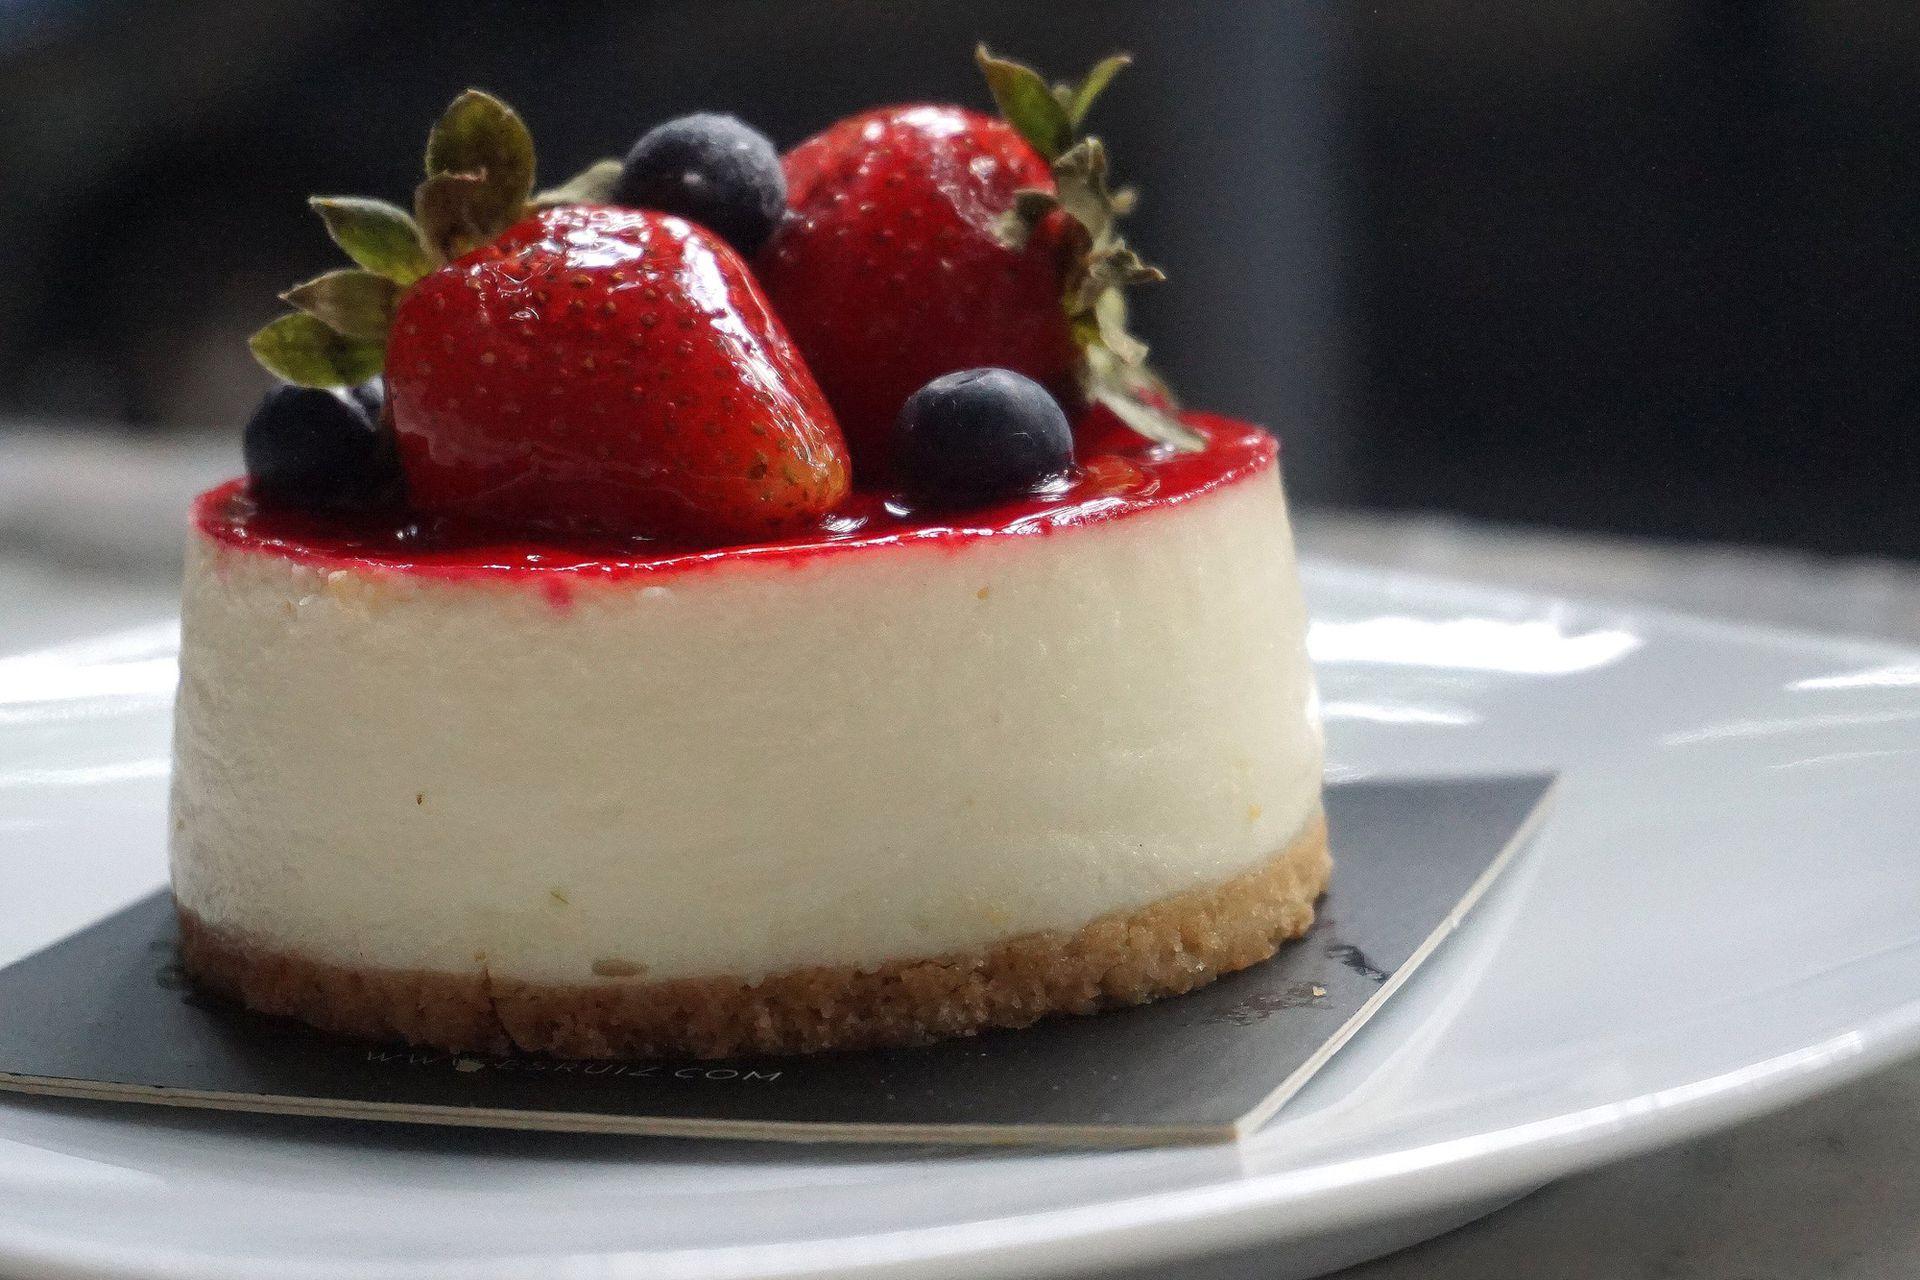 Cheesecake liviana y fresca